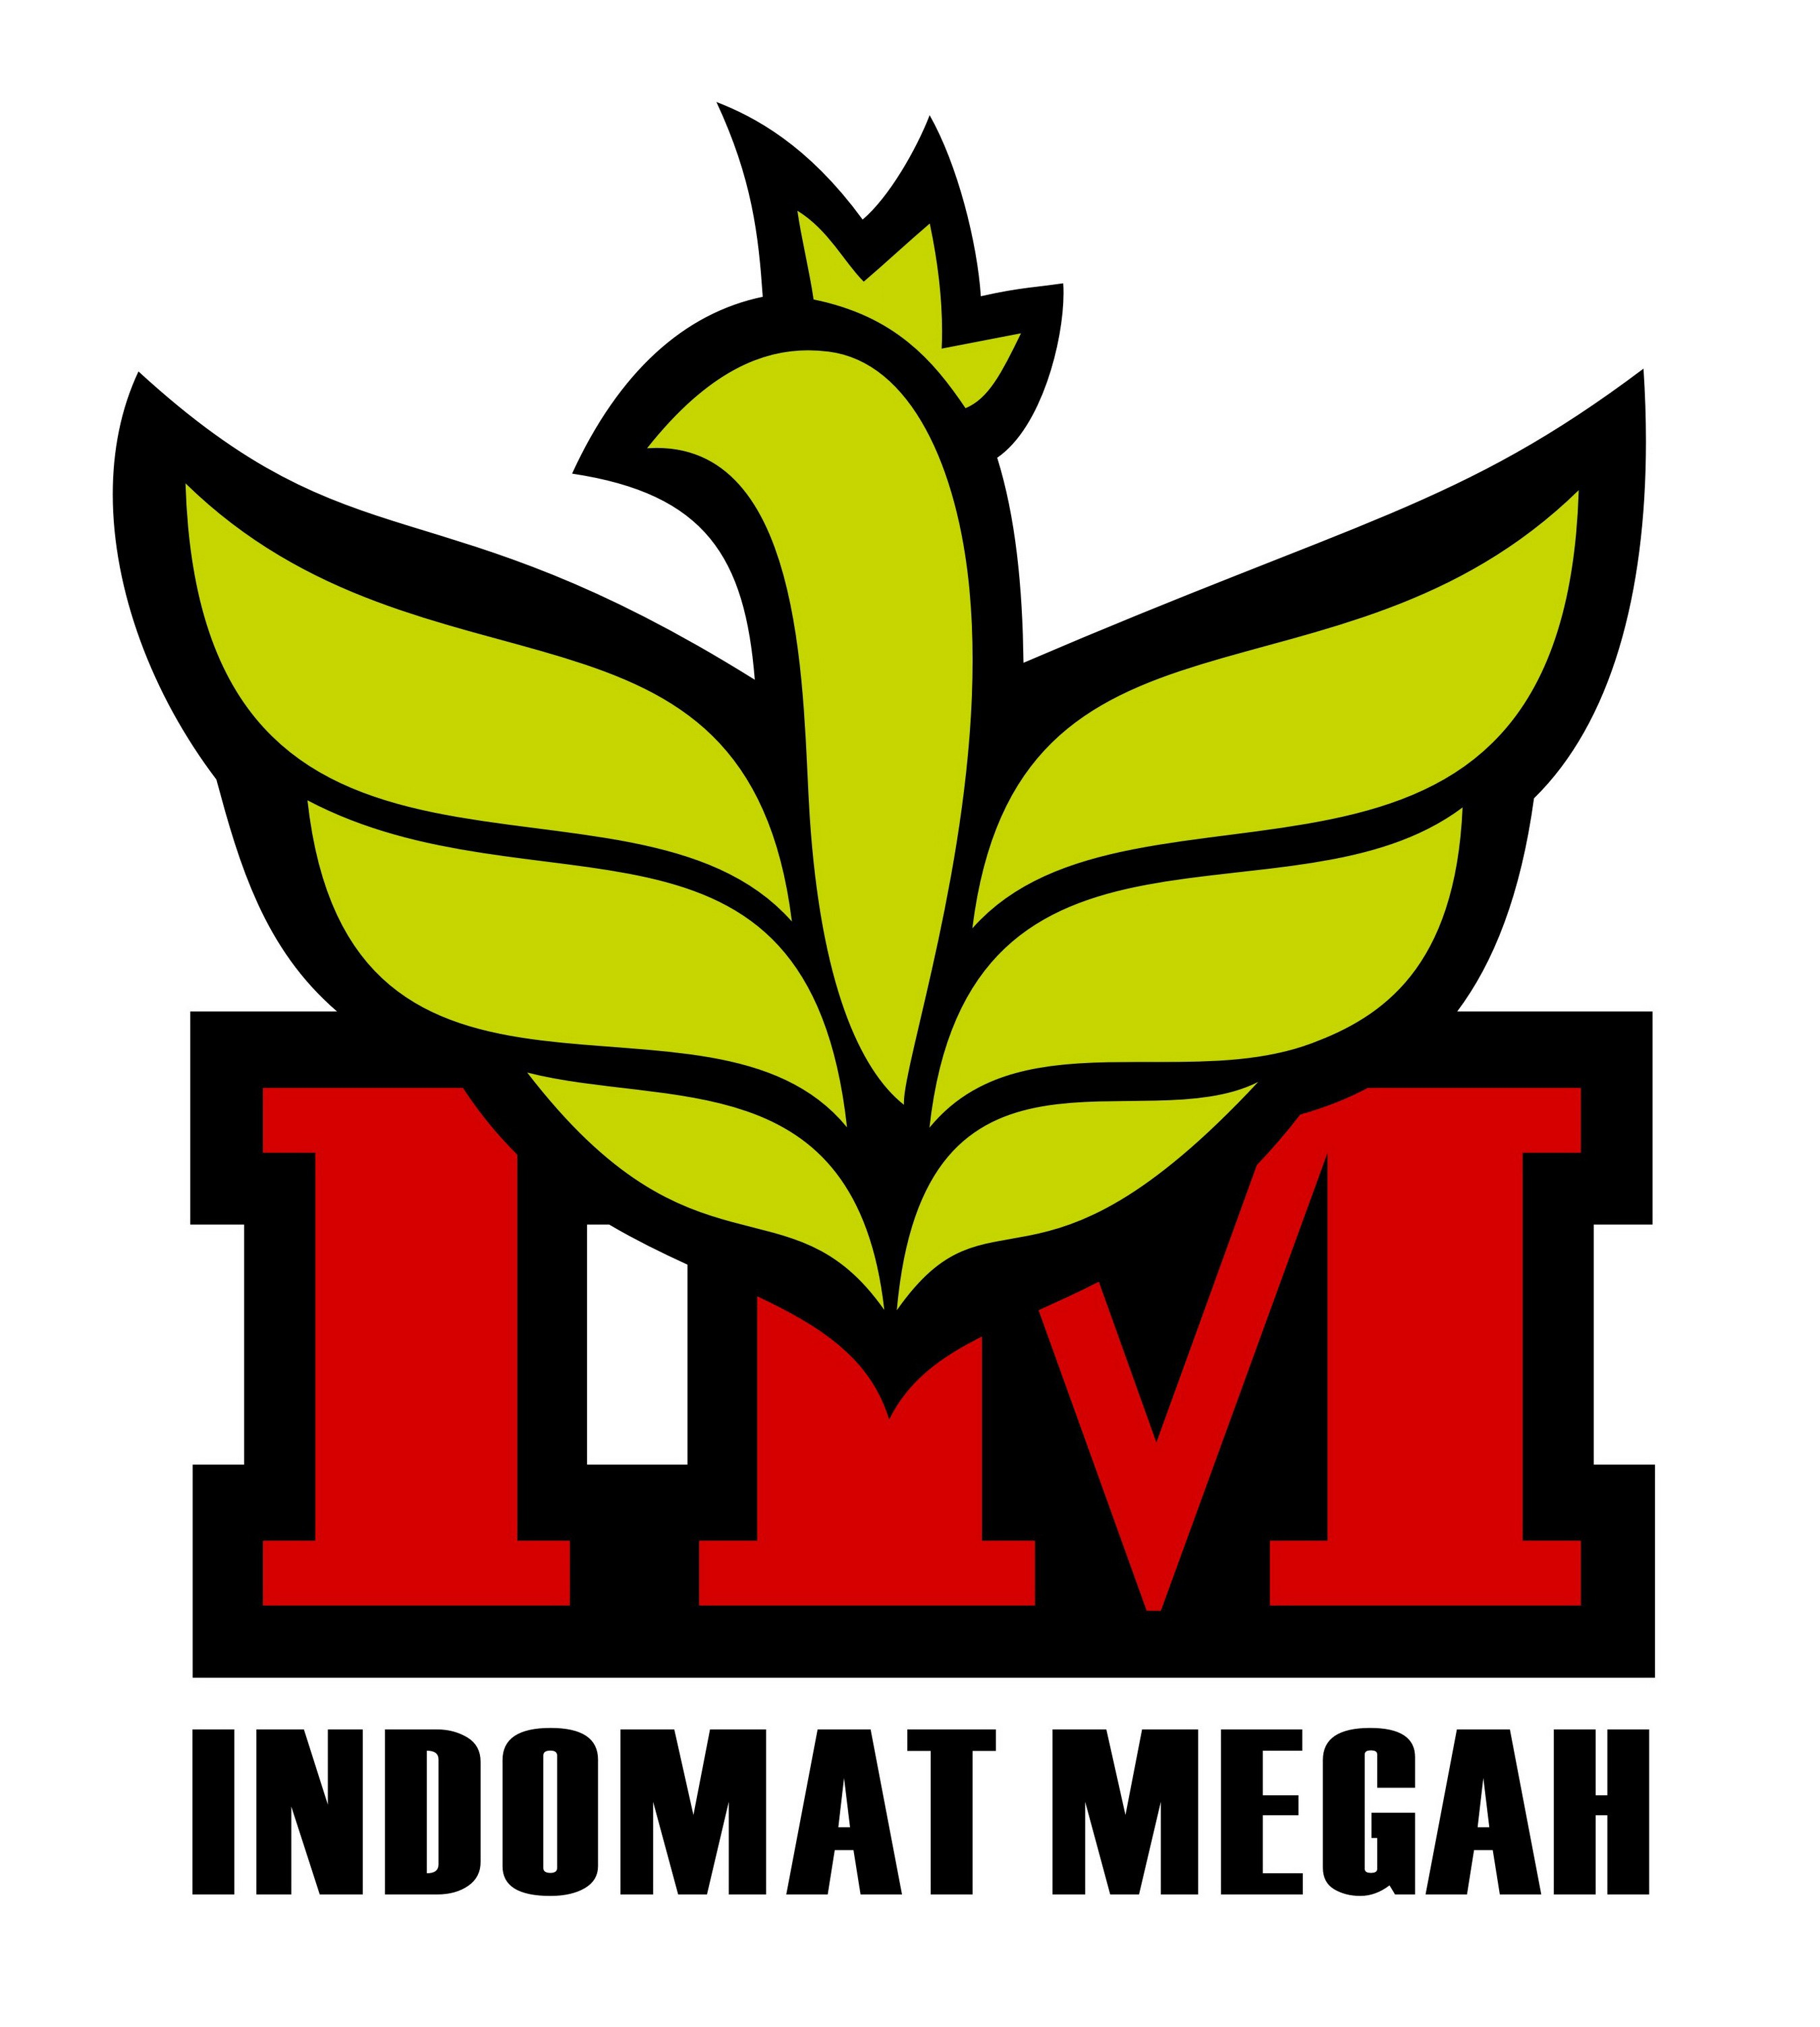 Redesign Indomat Megah Logo